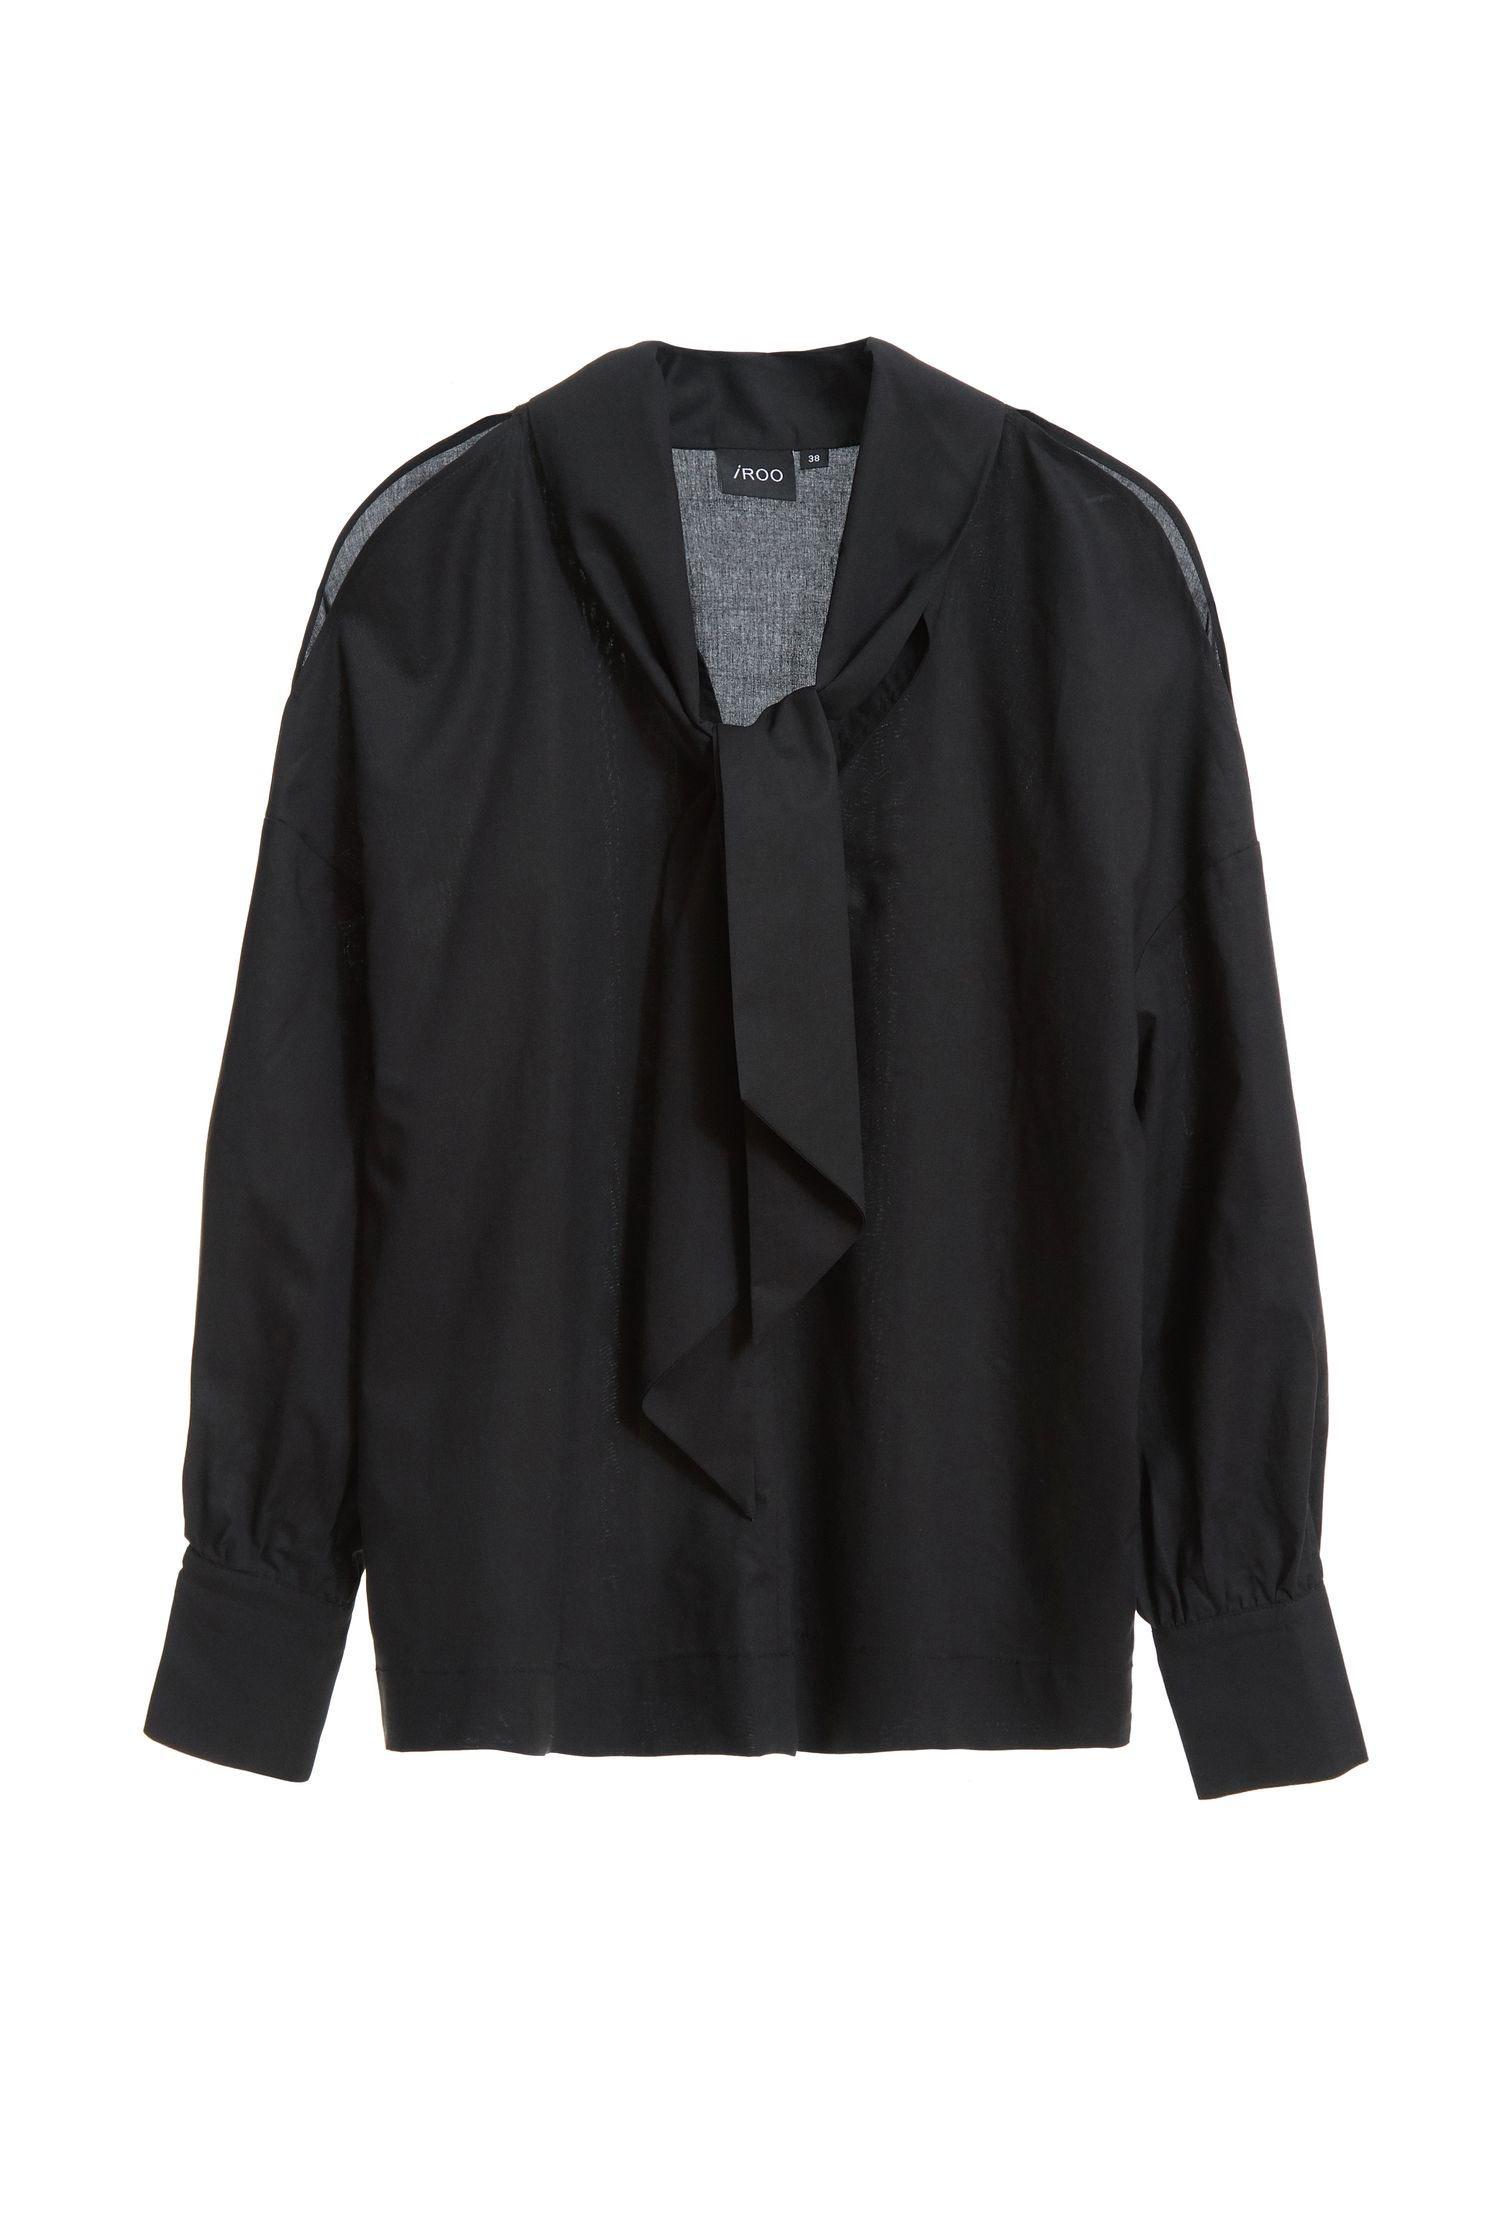 綁帶挖肩襯衫,挖肩上衣,秋冬穿搭,襯衫,長袖上衣,黑色上衣